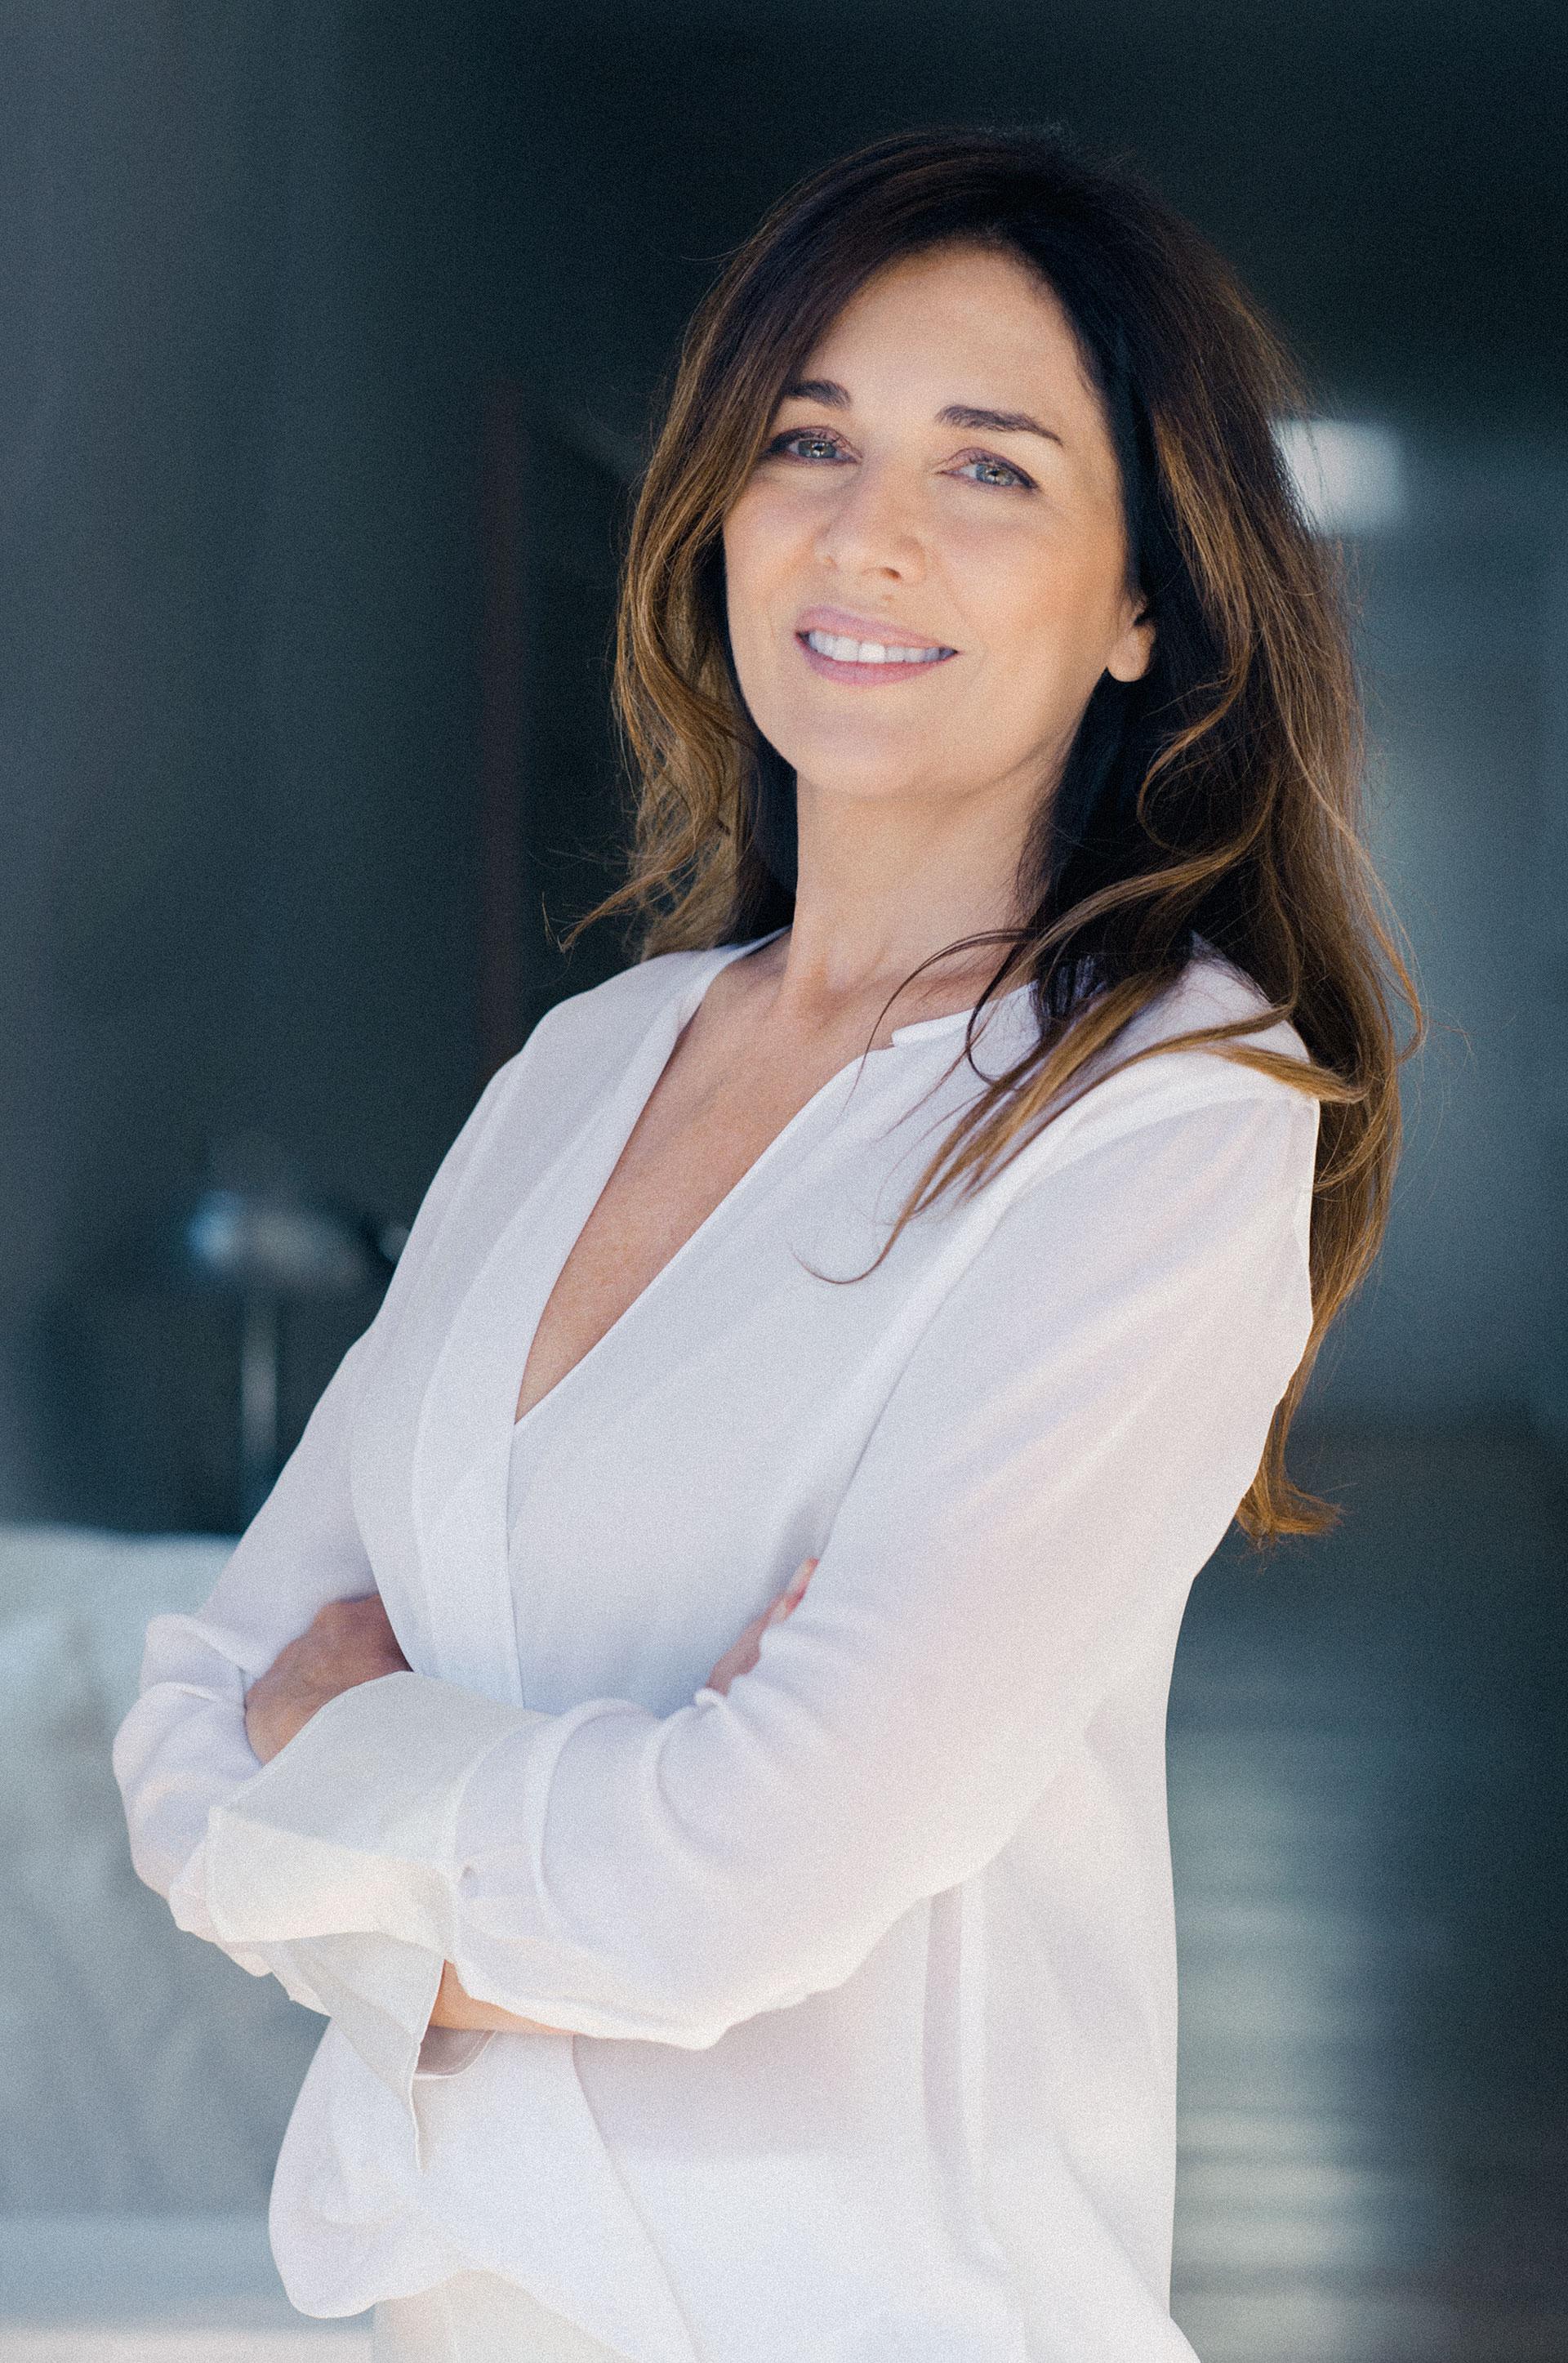 Dijo Frigerio que los hábitos saludables los aprendió de su madre y de observar a las mujeres de su familia (Claudia Cebrian)